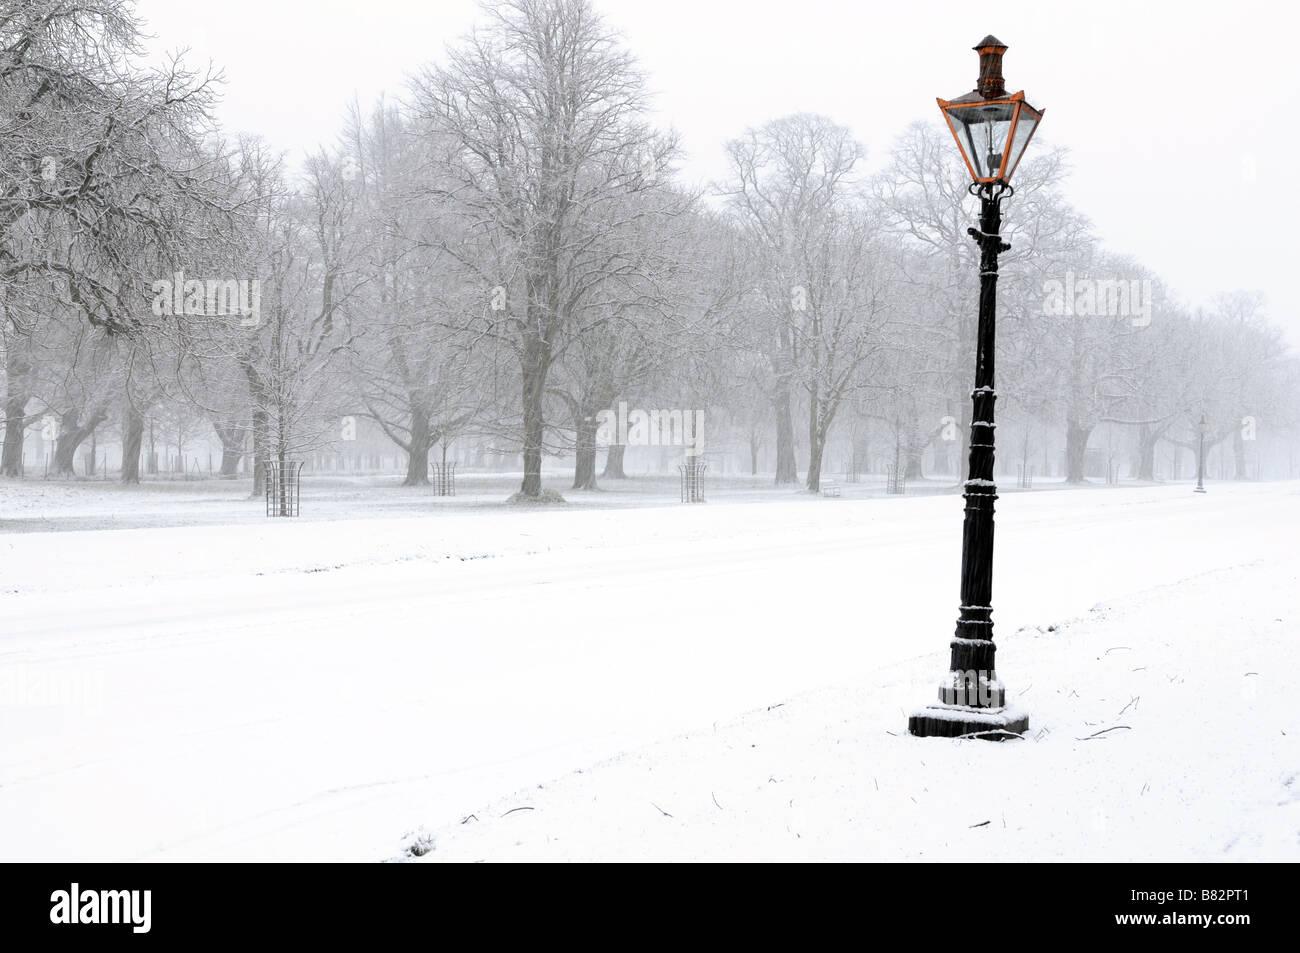 Gas En Licht : Phoenix park dublin weihnachten schnee wetter gas lampe licht